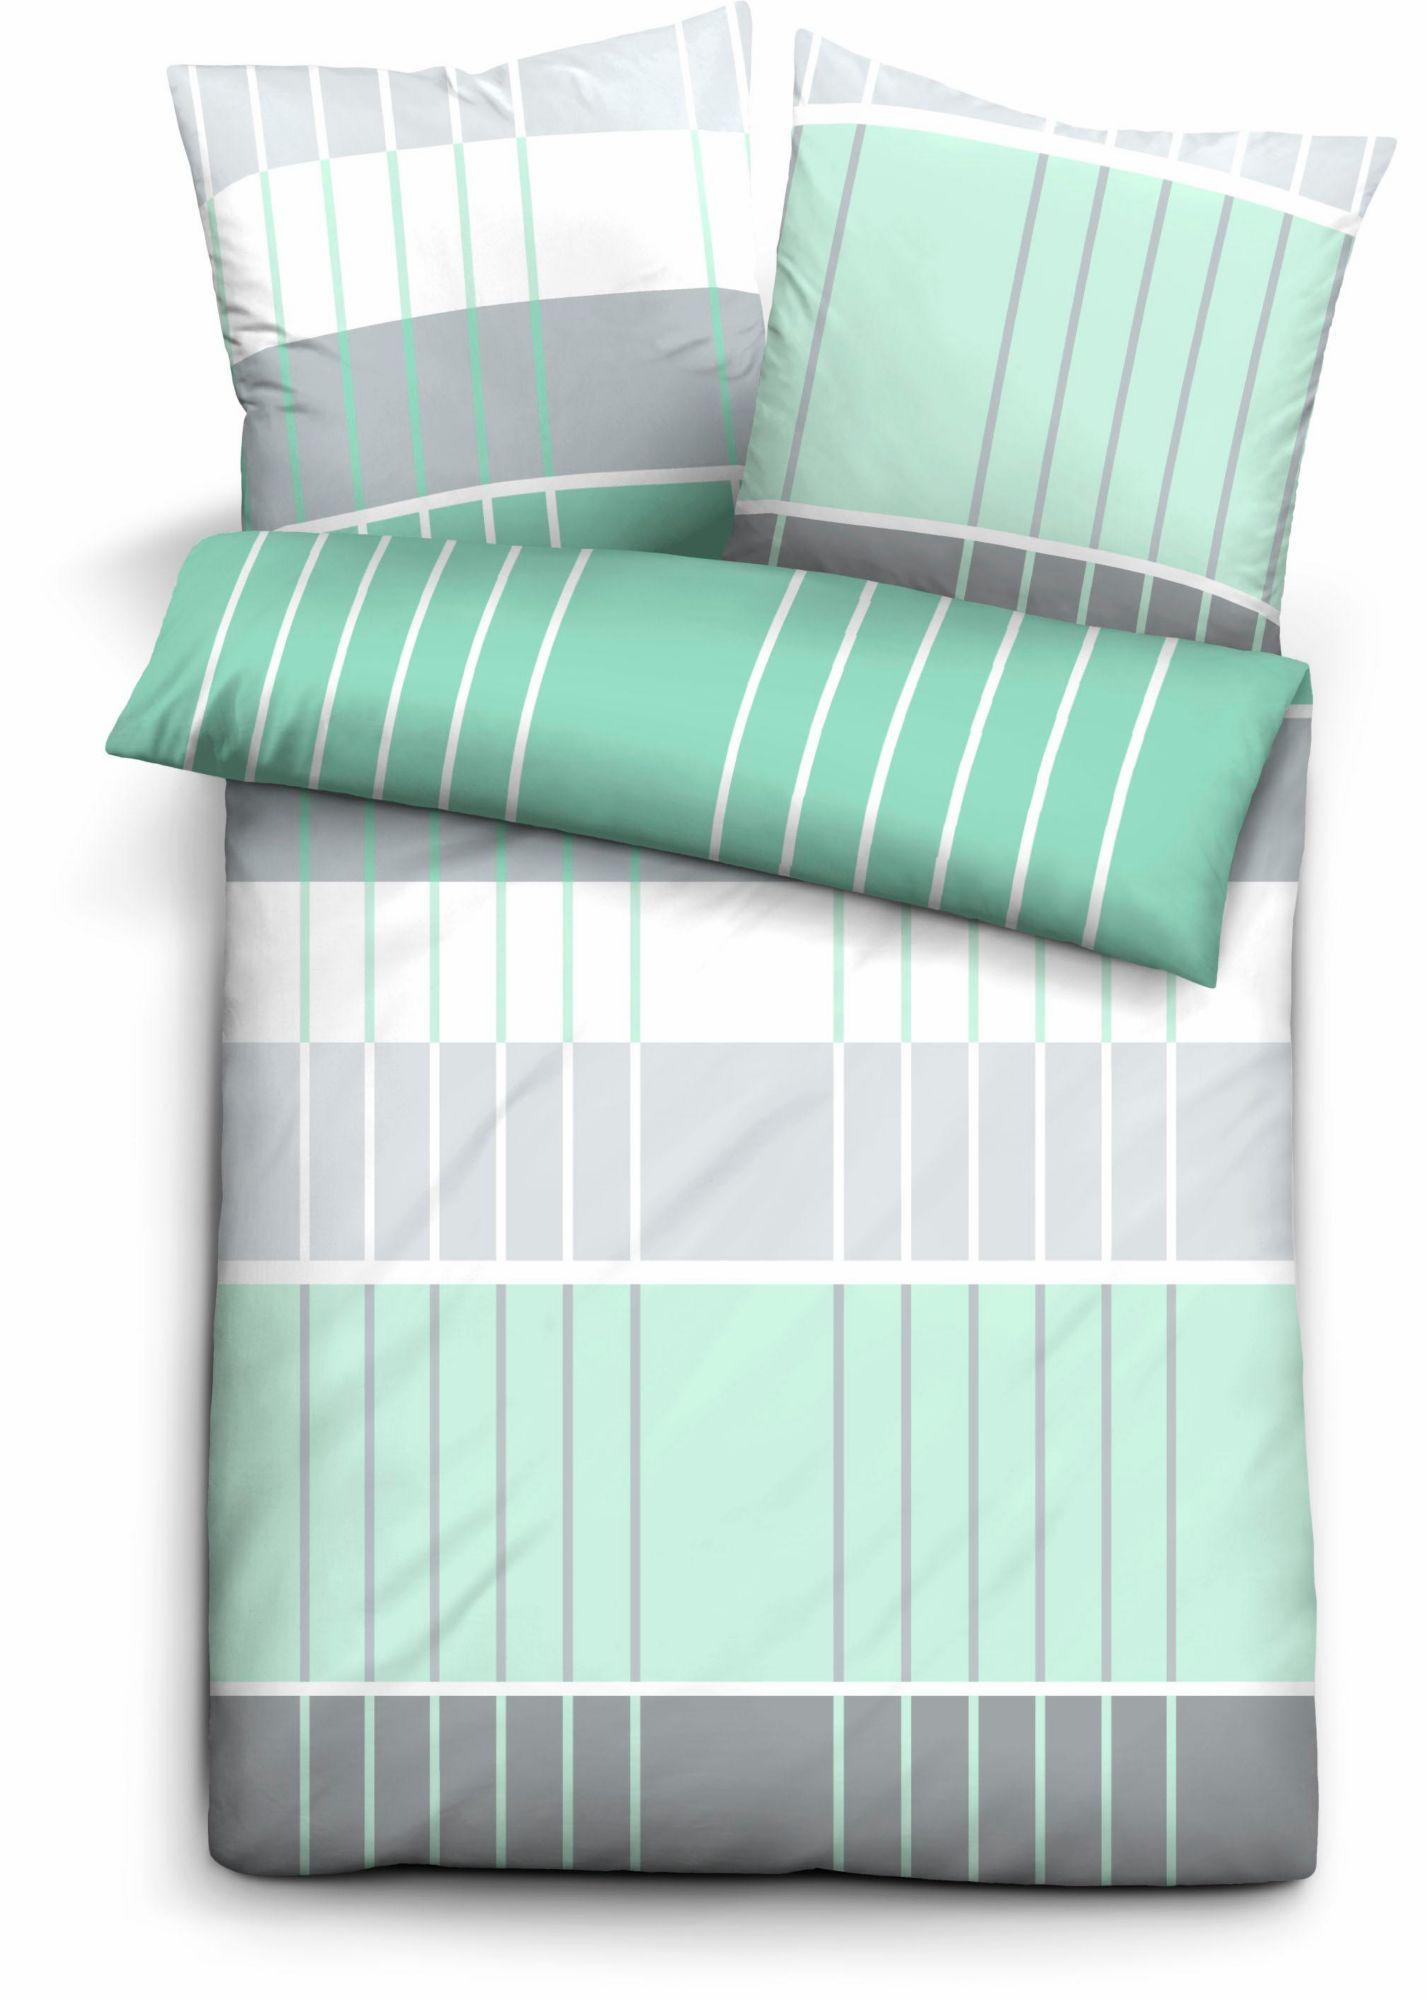 BIBERNA Bettwäsche, Biberna, »Gard«, mit Streifen Muster